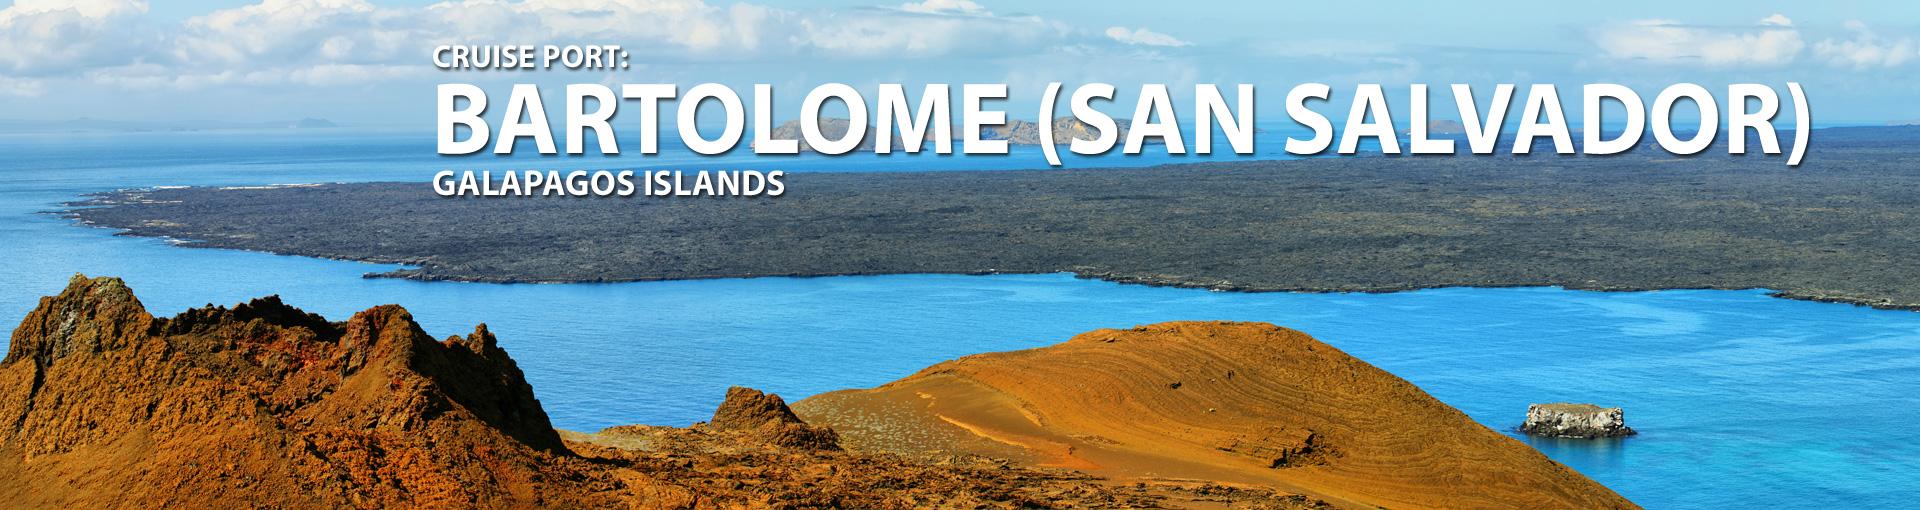 Bartolome (san Salvador), Galapagos Islands Port